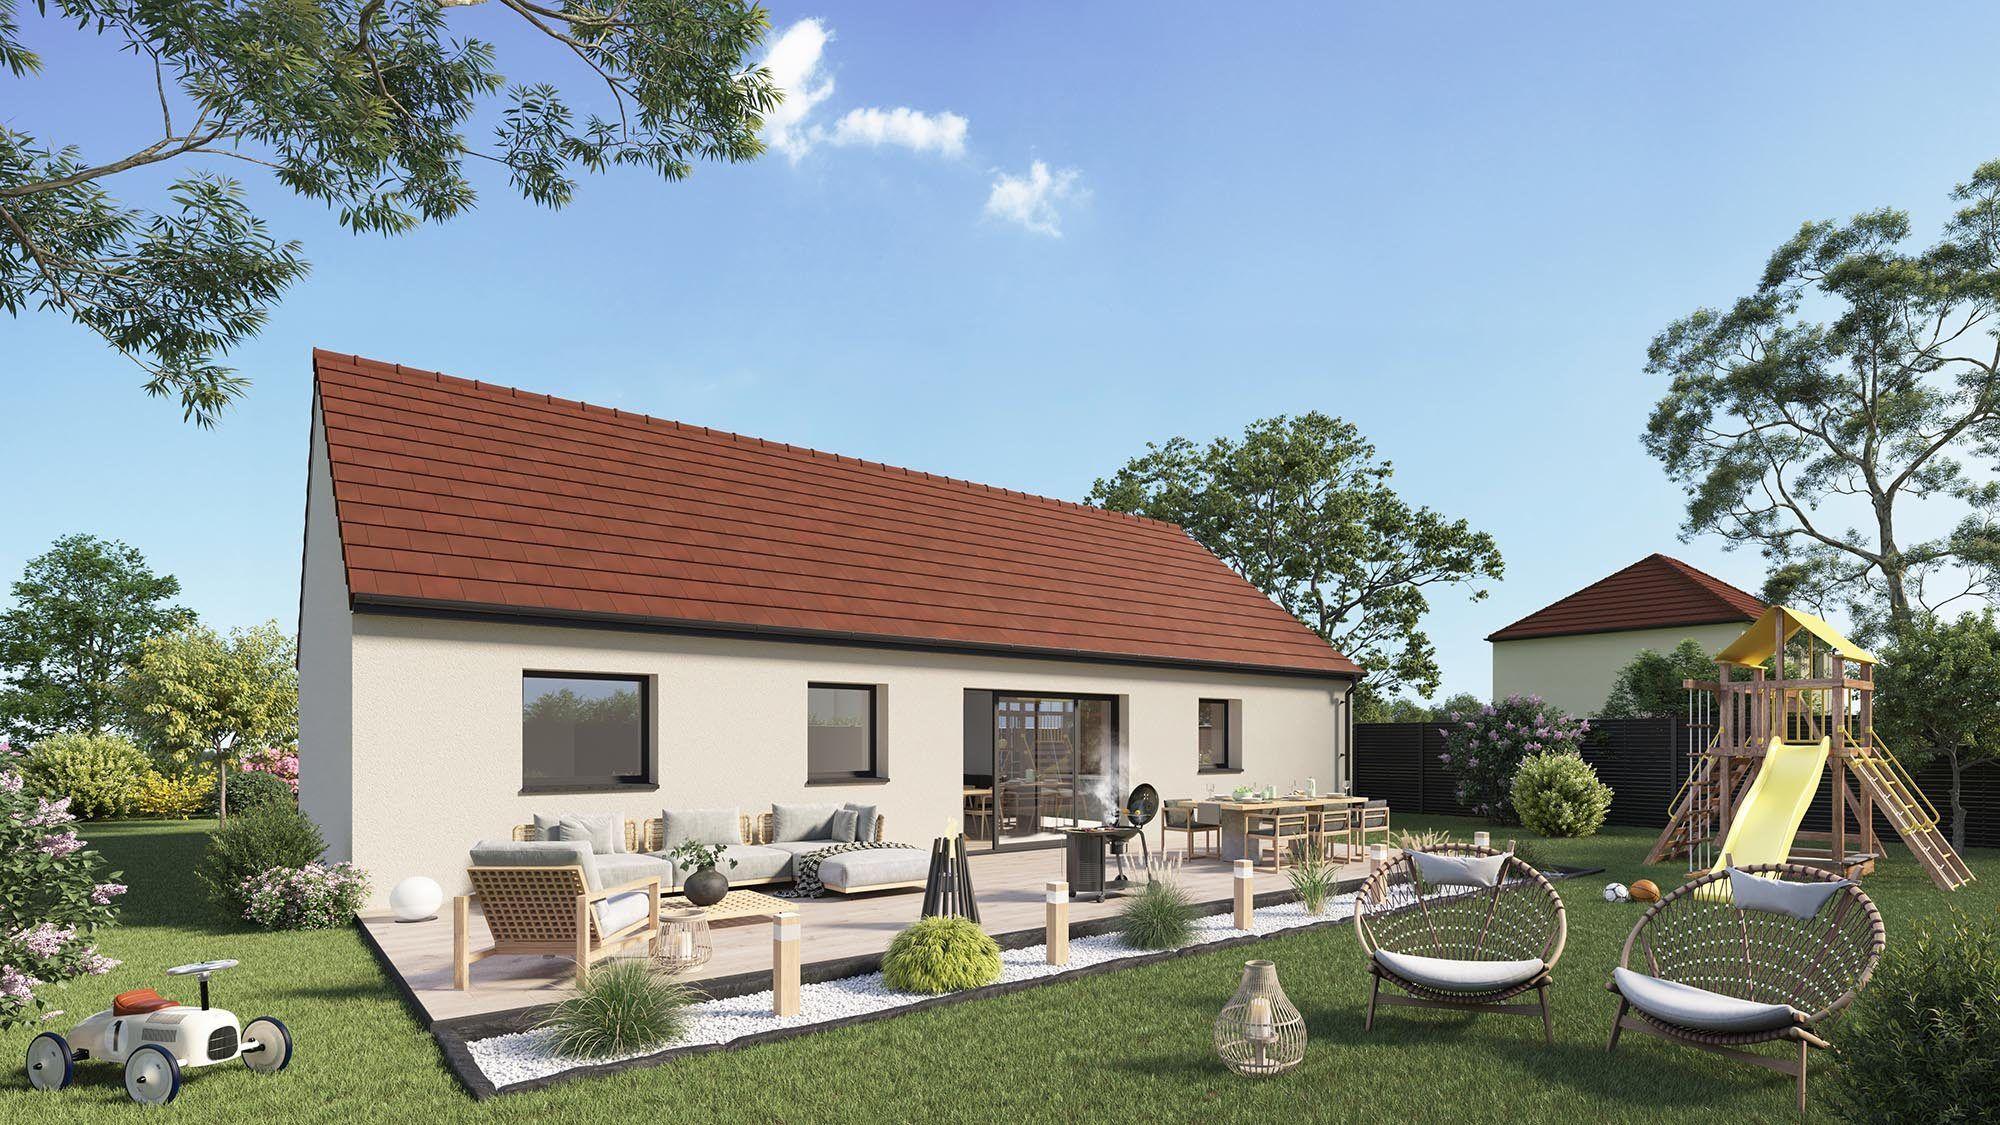 Maisons + Terrains du constructeur Maison Castor Valenciennes • 98 m² • BRUILLE SAINT AMAND